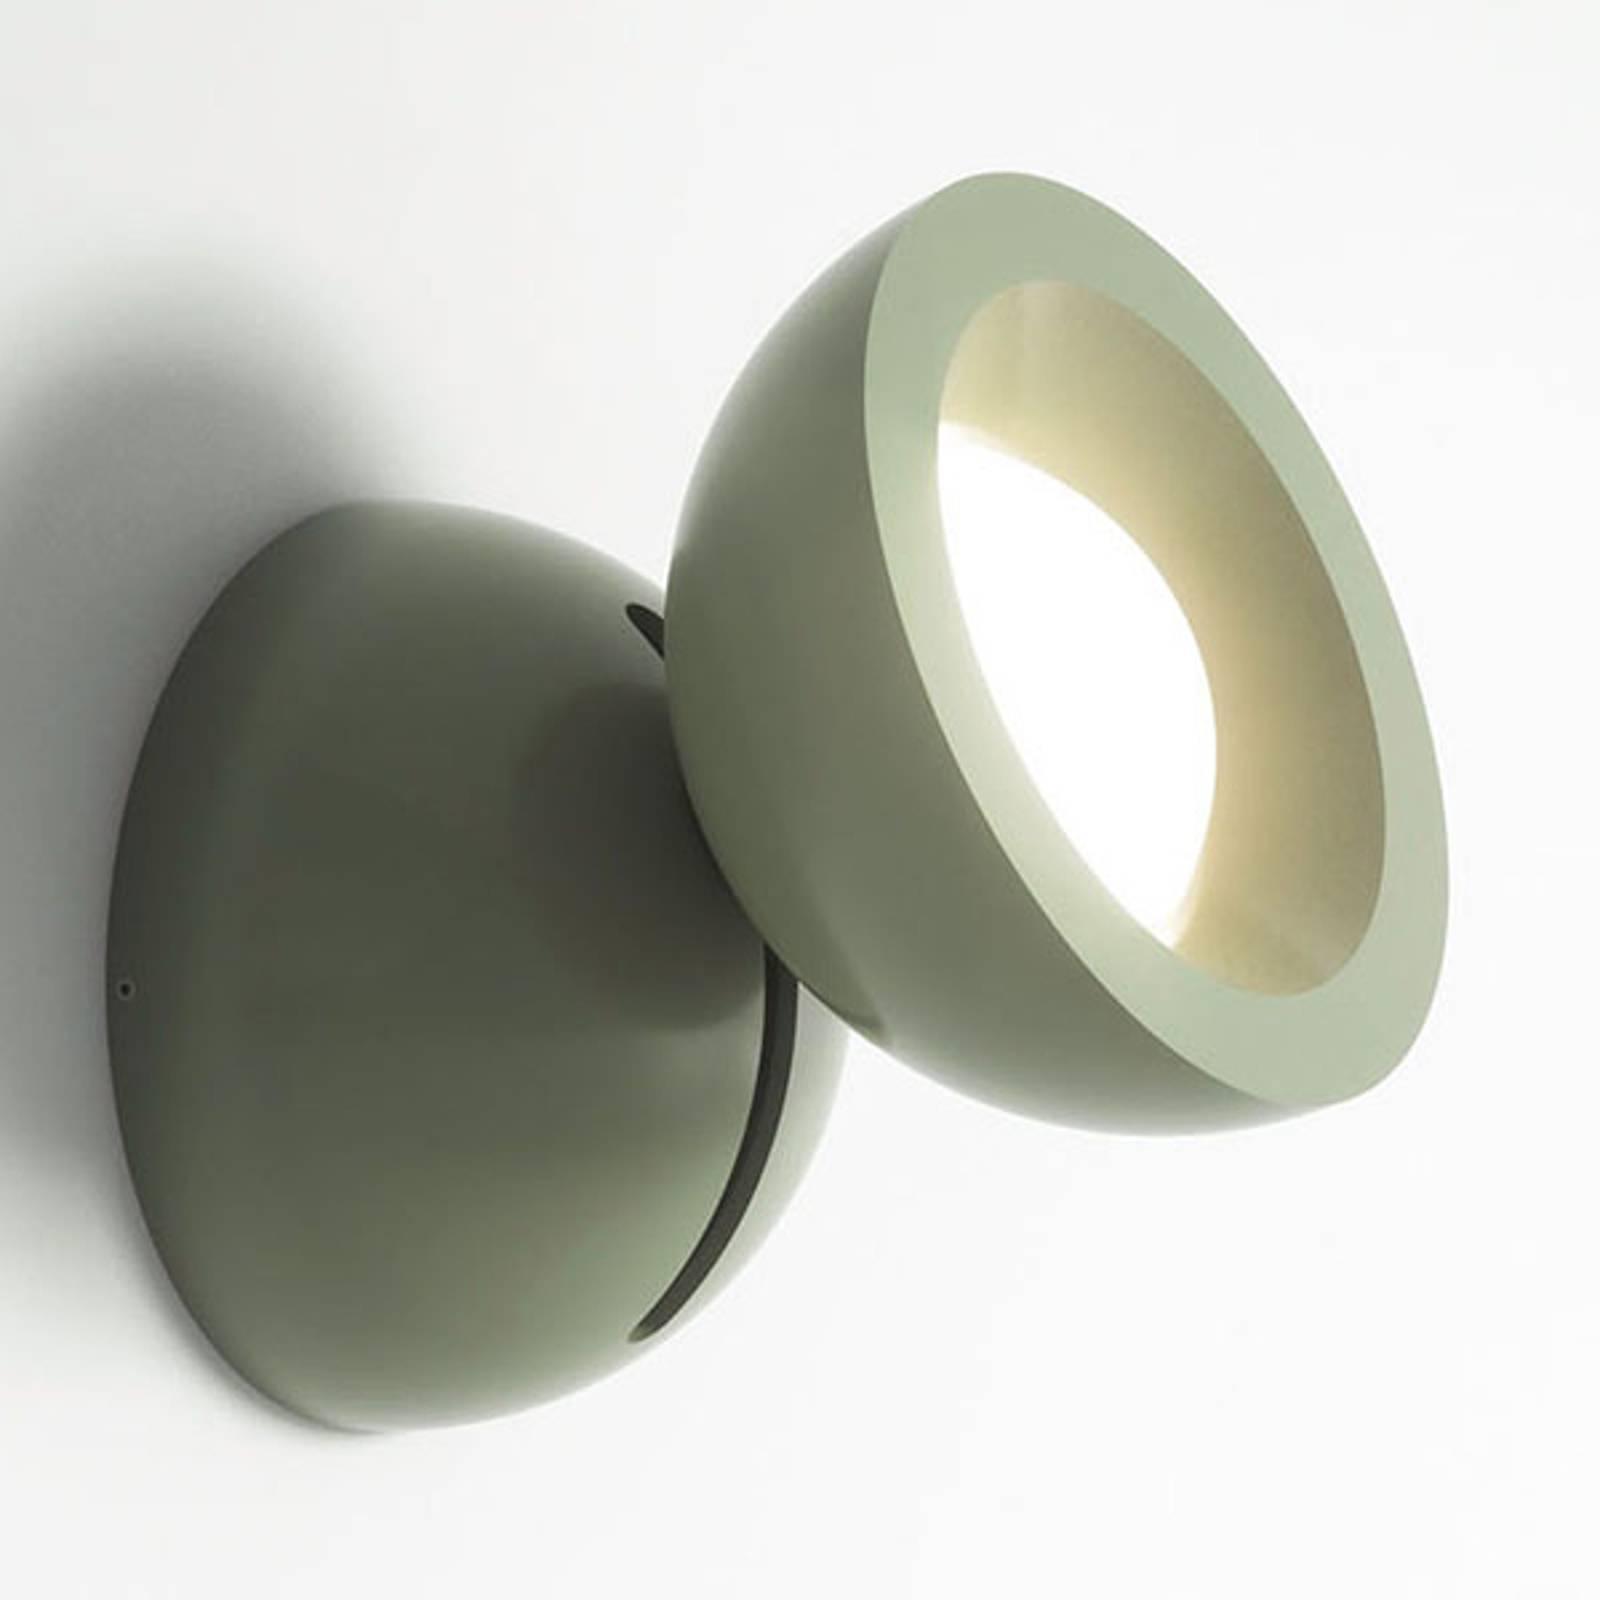 Axolight DoDot applique LED, verte 35°